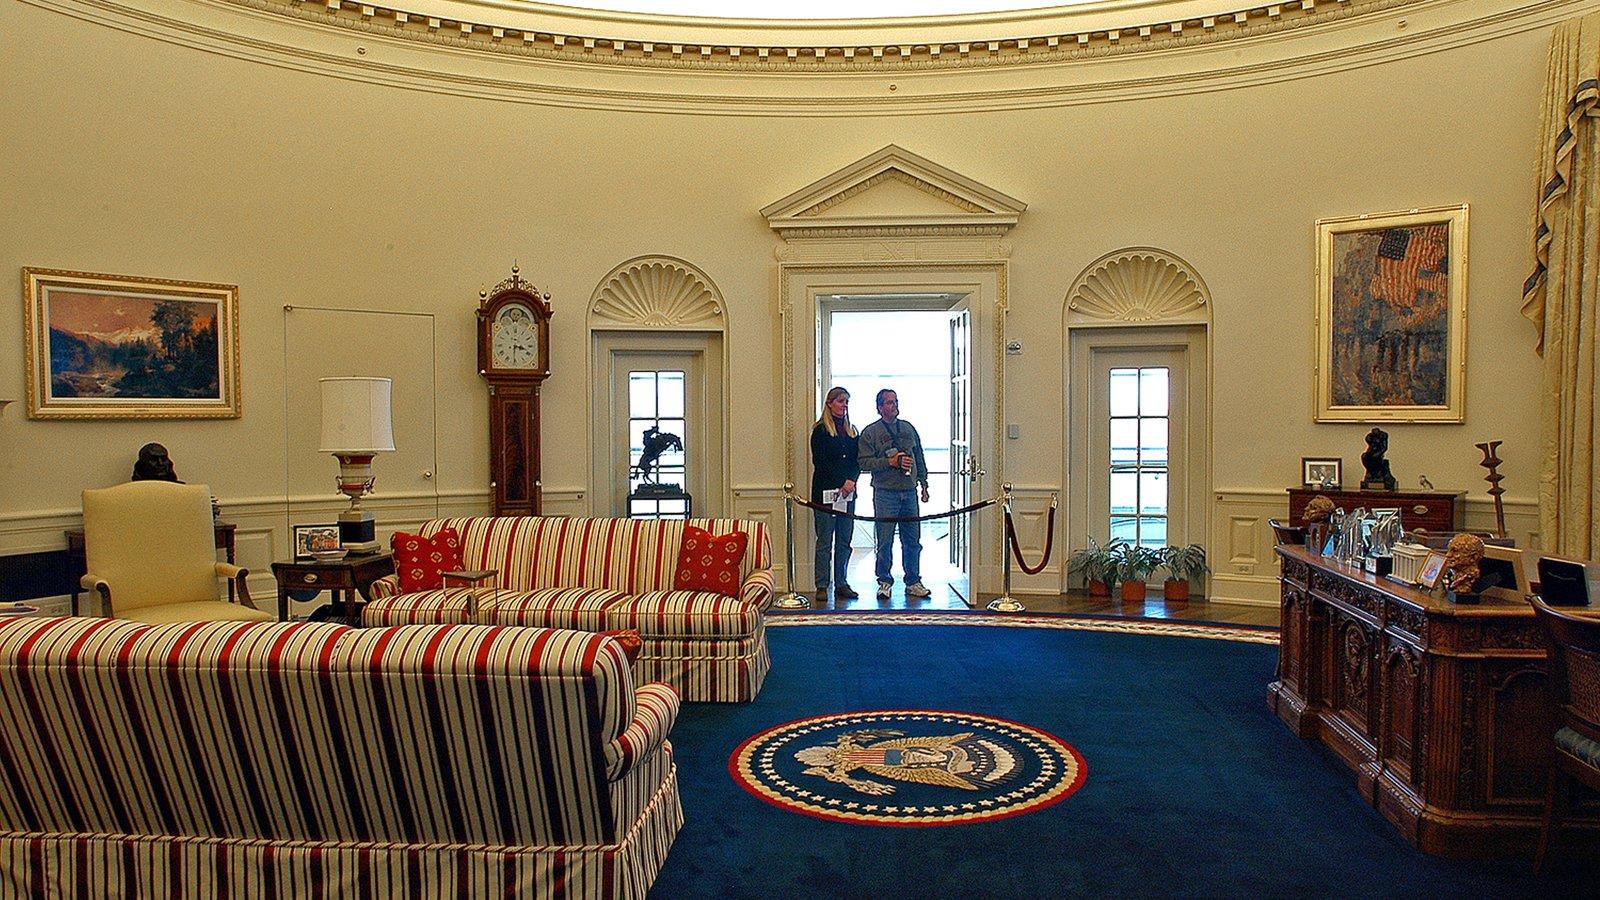 William J. Clinton Presidential Library mostrando um edifício administrativo, arquitetura de patrimônio e vistas internas